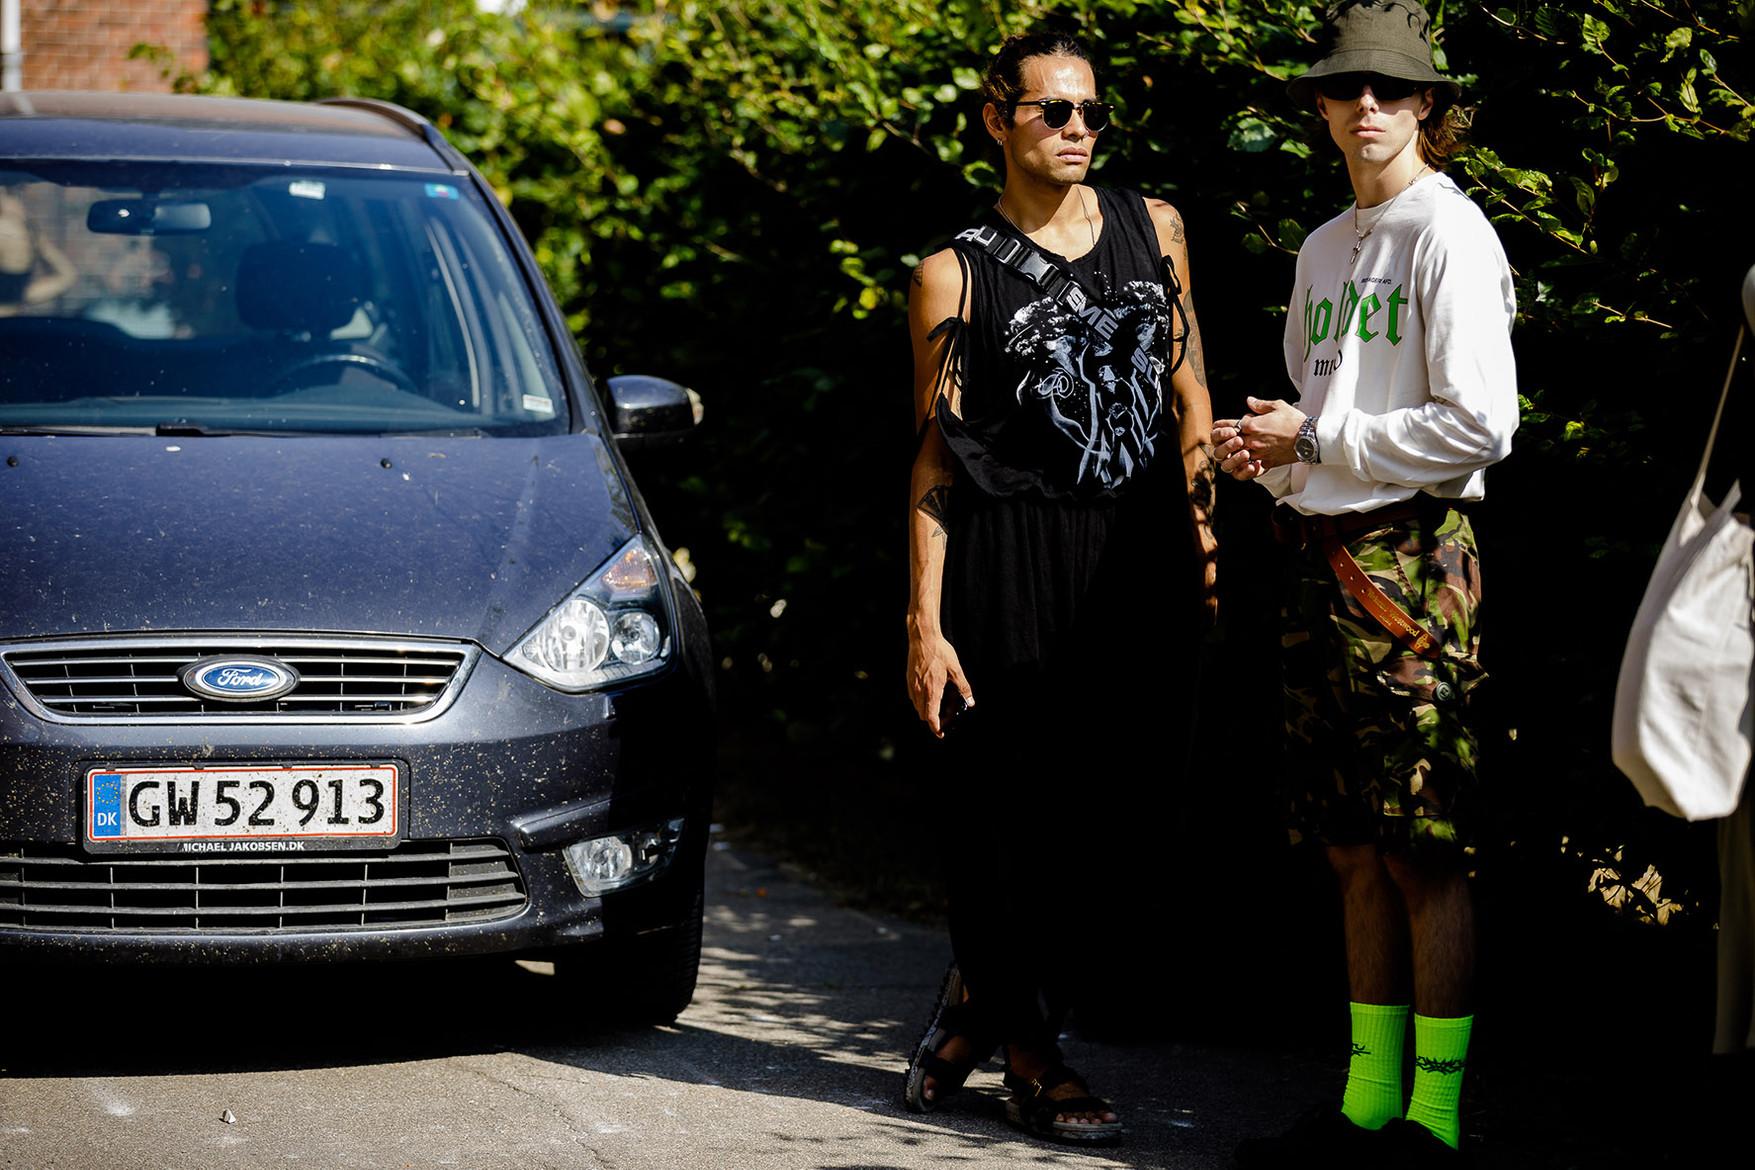 Chiếc vớ màu xanh neon nổi bật trên đường phố Copenhagen. Ảnh: Jack Stanley